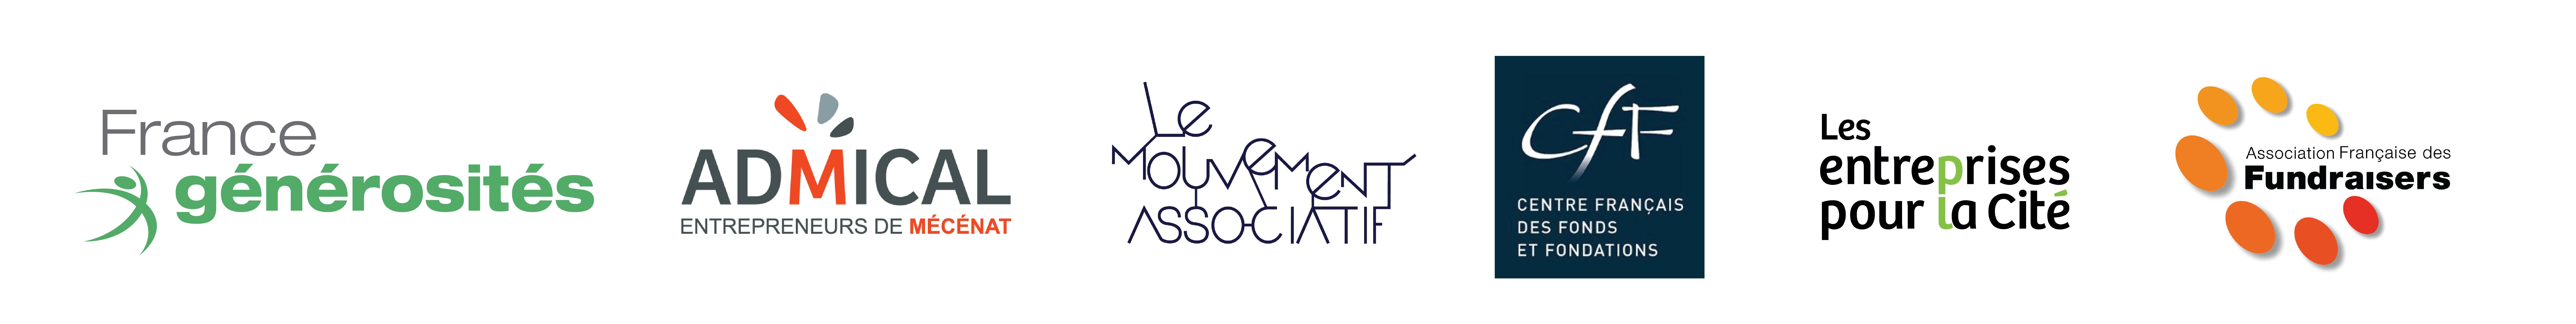 Bandeau CP mécénat - juin 2019 v3-01 (002)